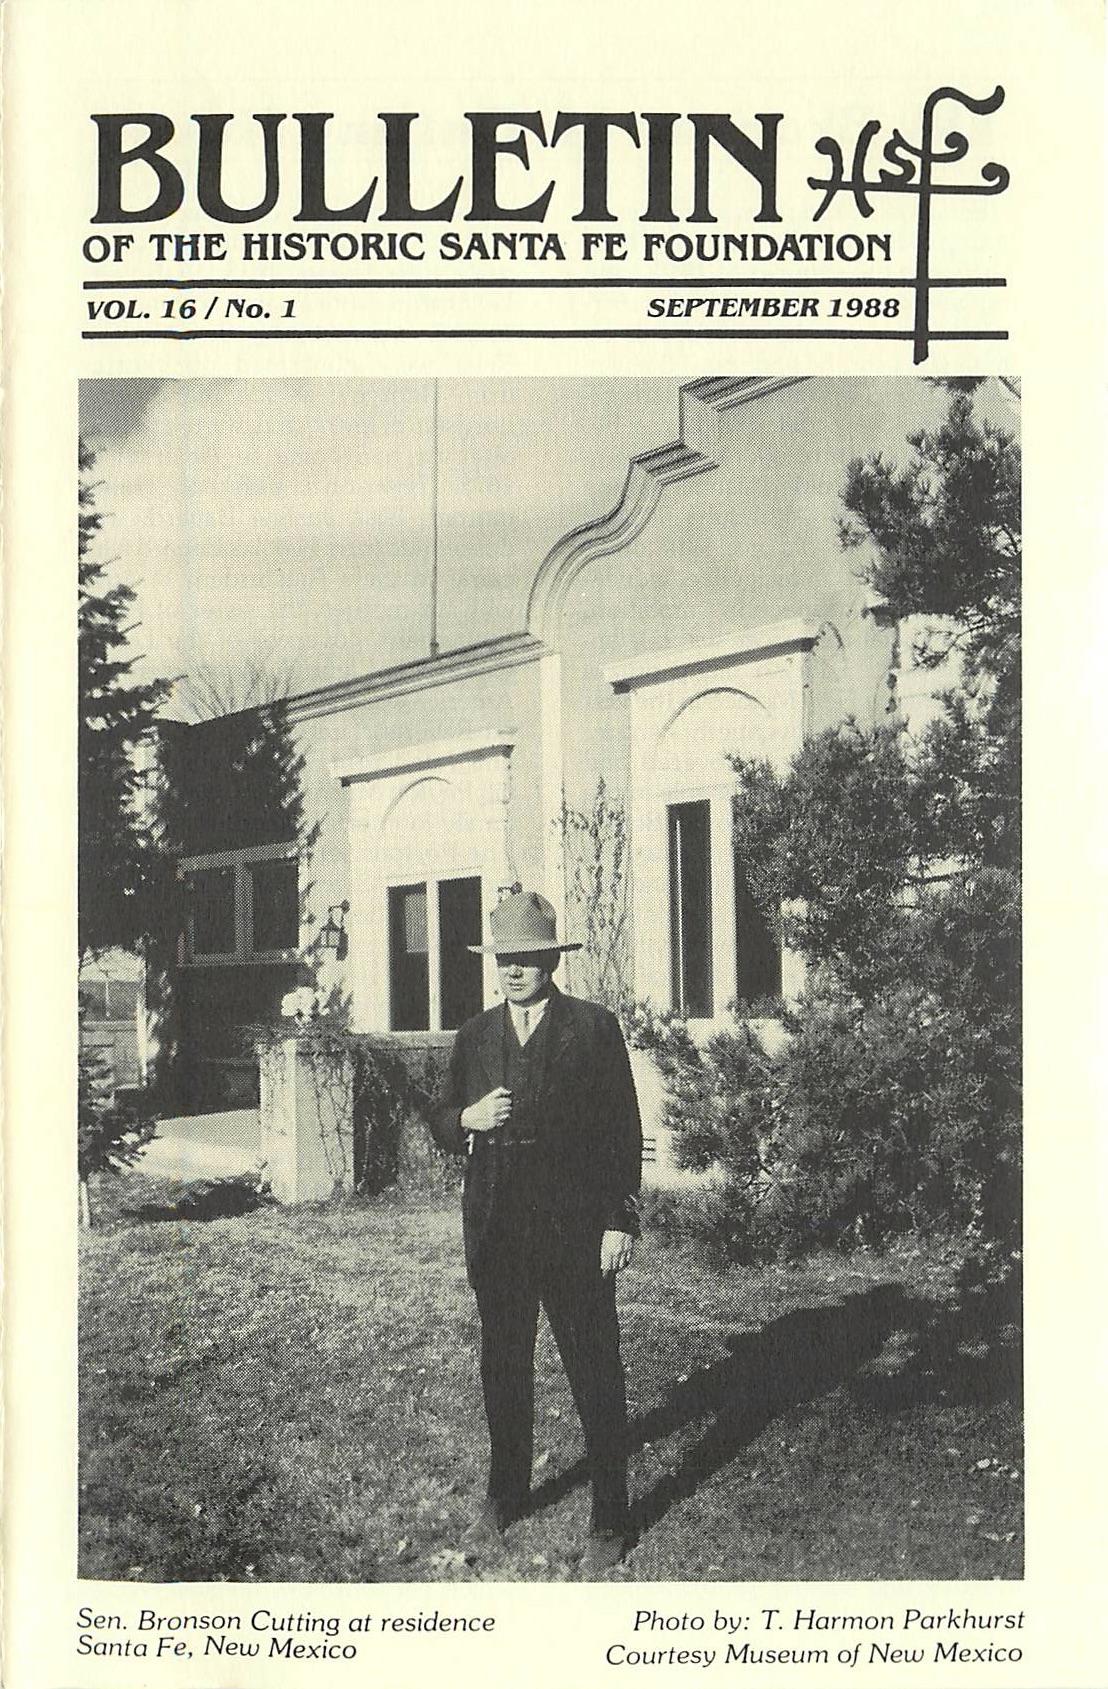 1988 HSFF Bulletin Vol.16 No.1 Cover